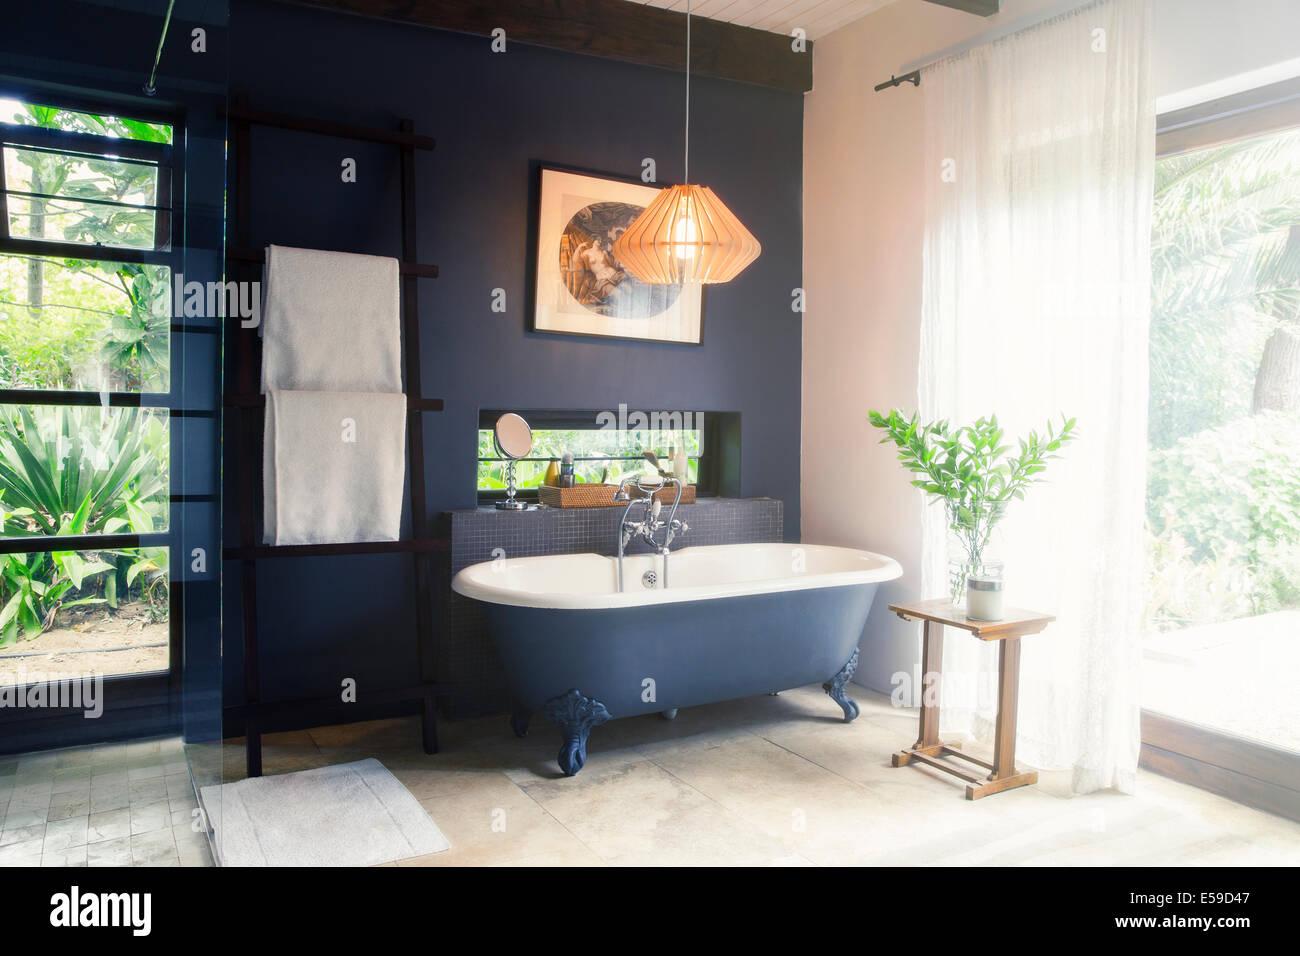 Badewanne und Leuchte im modernen Badezimmer Stockfoto, Bild ...